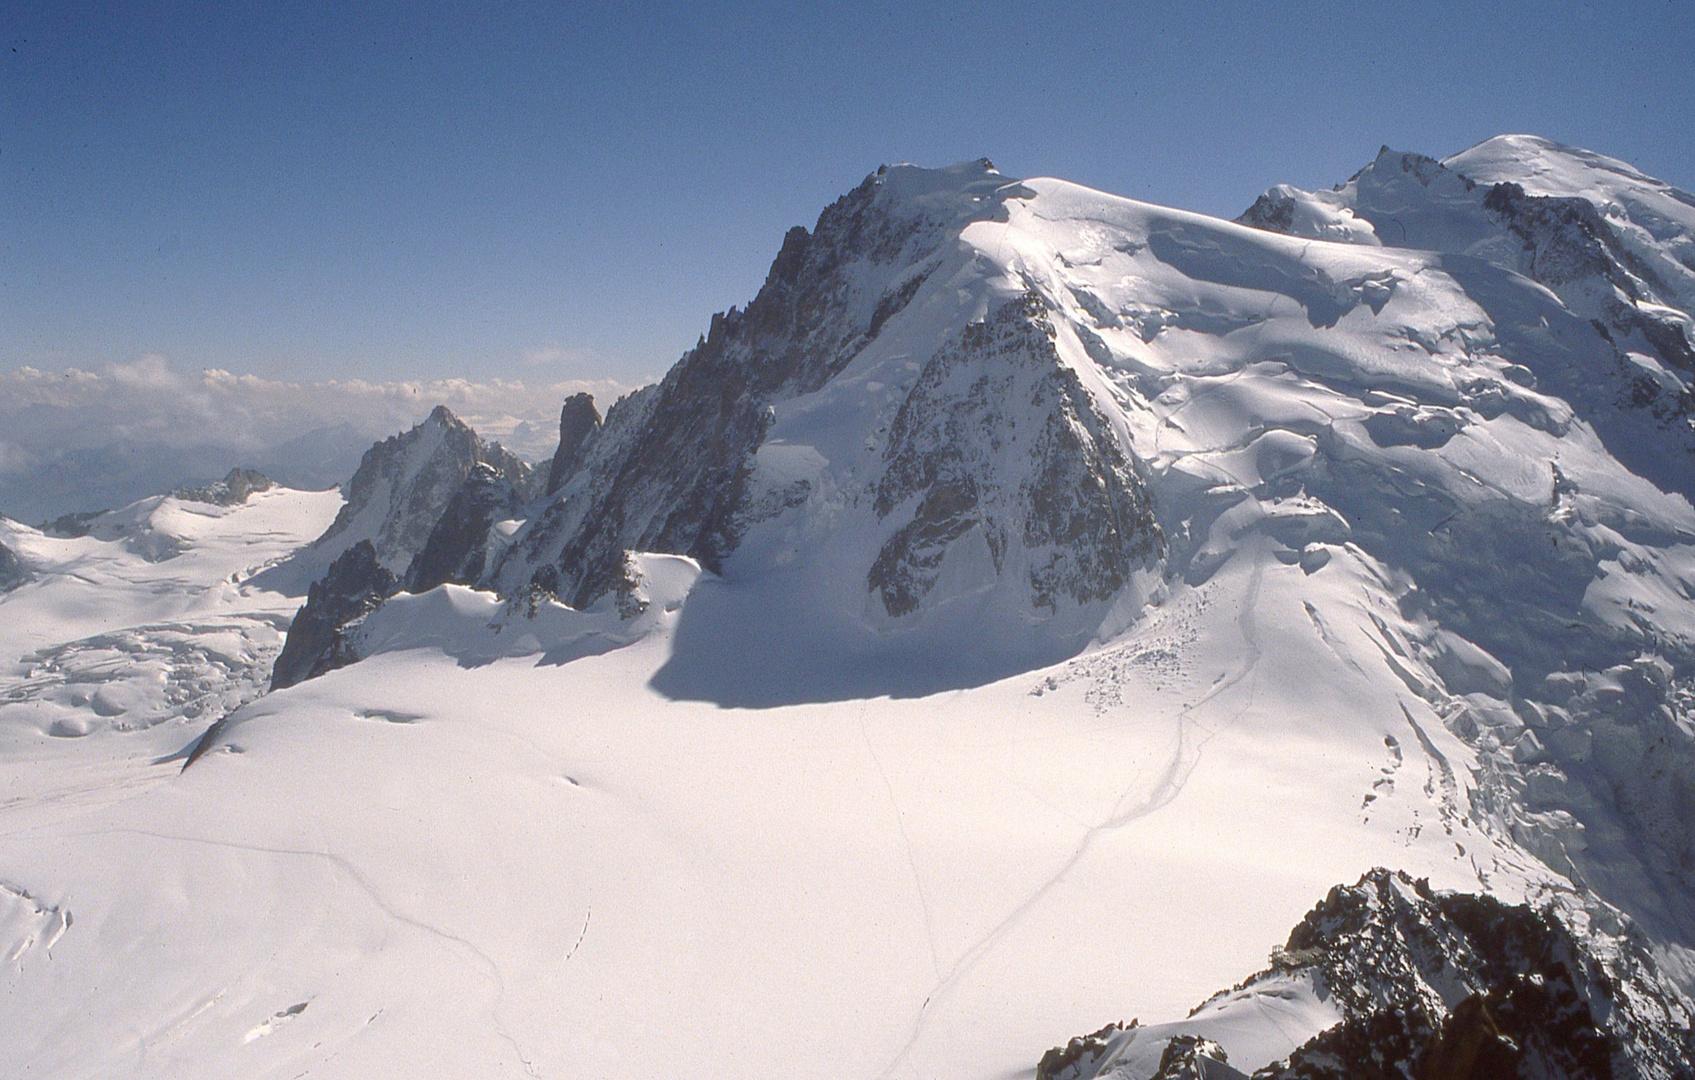 Mont Blanc 4810m , der höchste Berg der Alpen